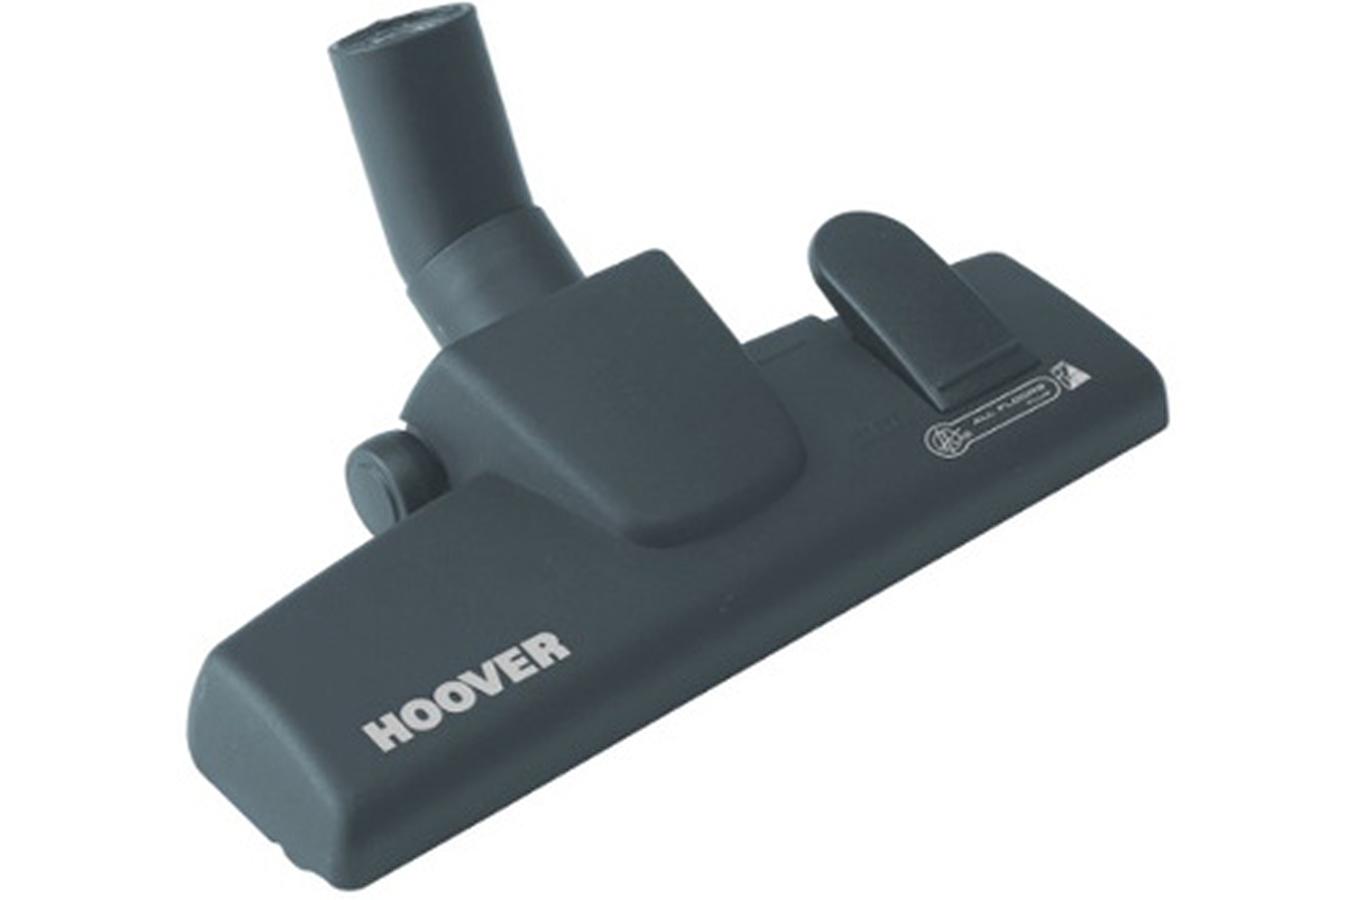 aspirateur sans sac hoover mi70 mi30 mistral aspirateur. Black Bedroom Furniture Sets. Home Design Ideas